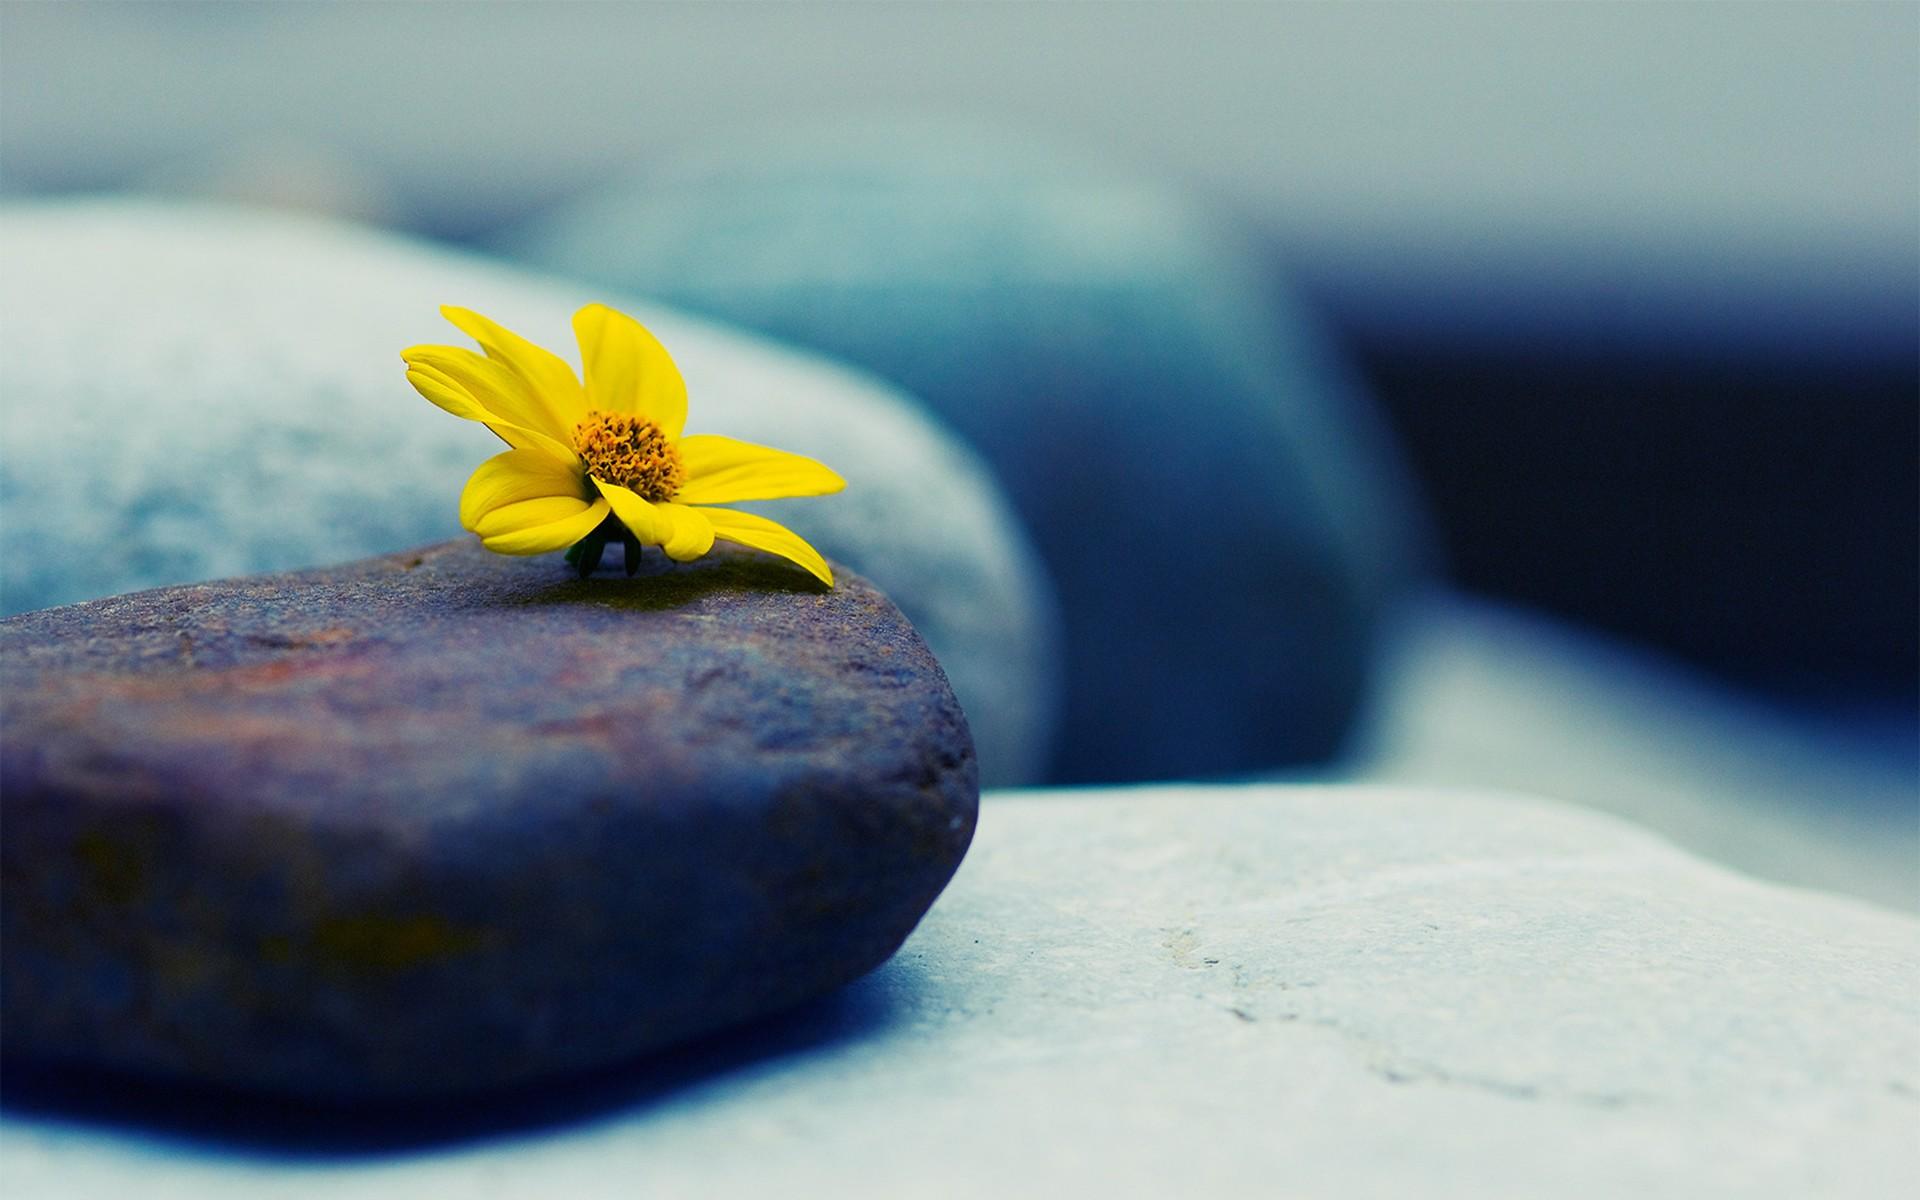 Wallpaper steine blumen  Hintergrundbilder : Steine, gelbe Blumen, Fotografie, Makro, Grün ...